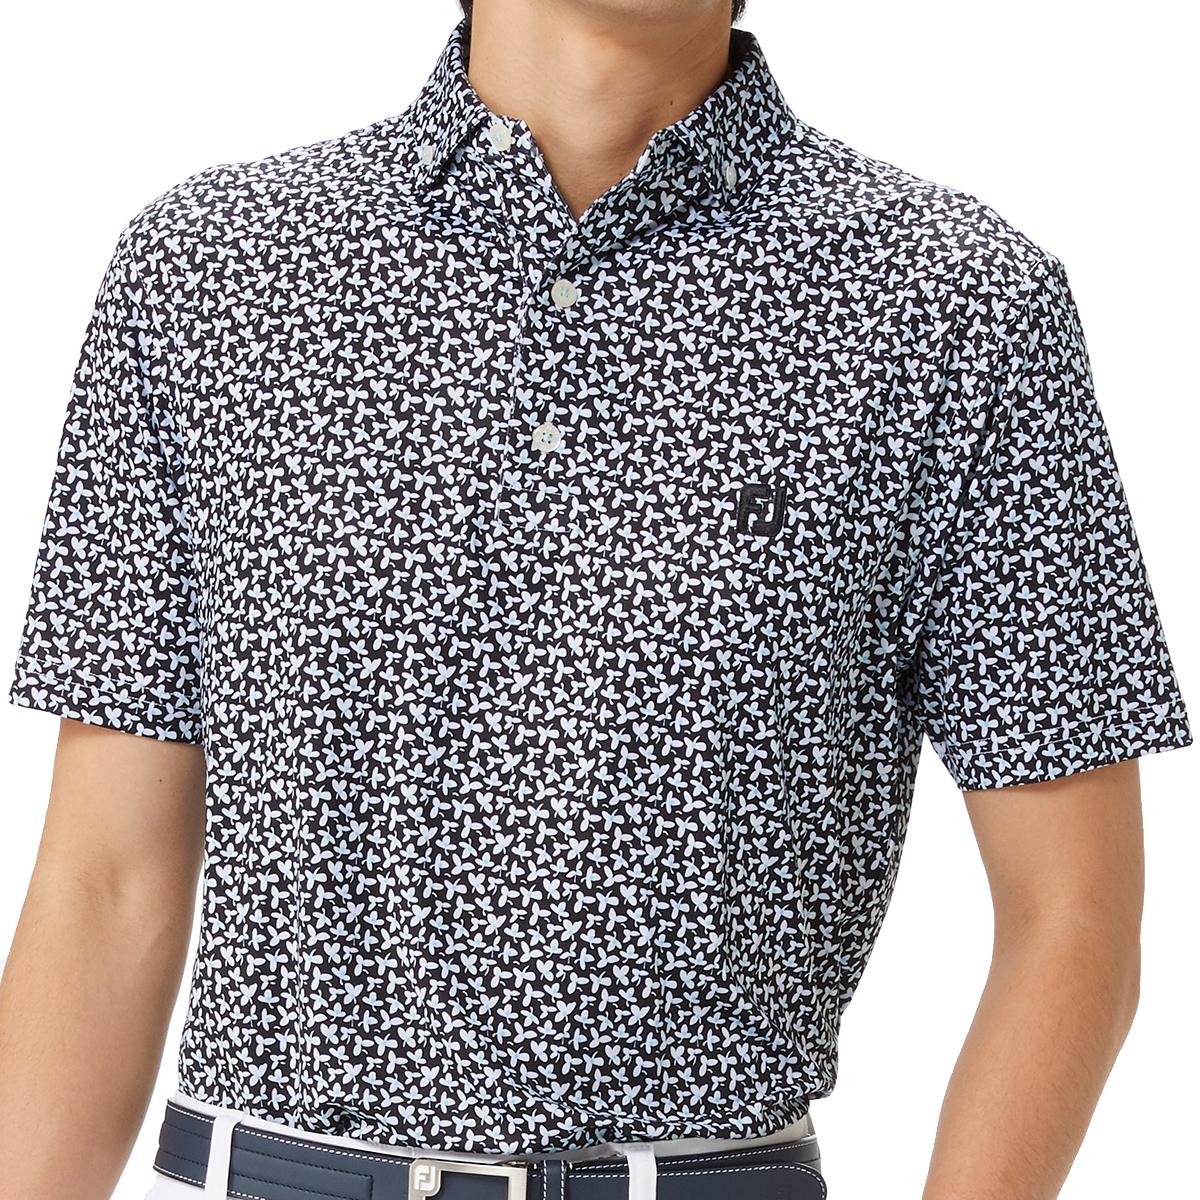 フローラルプリント ボタンダウンライル半袖ポロシャツ